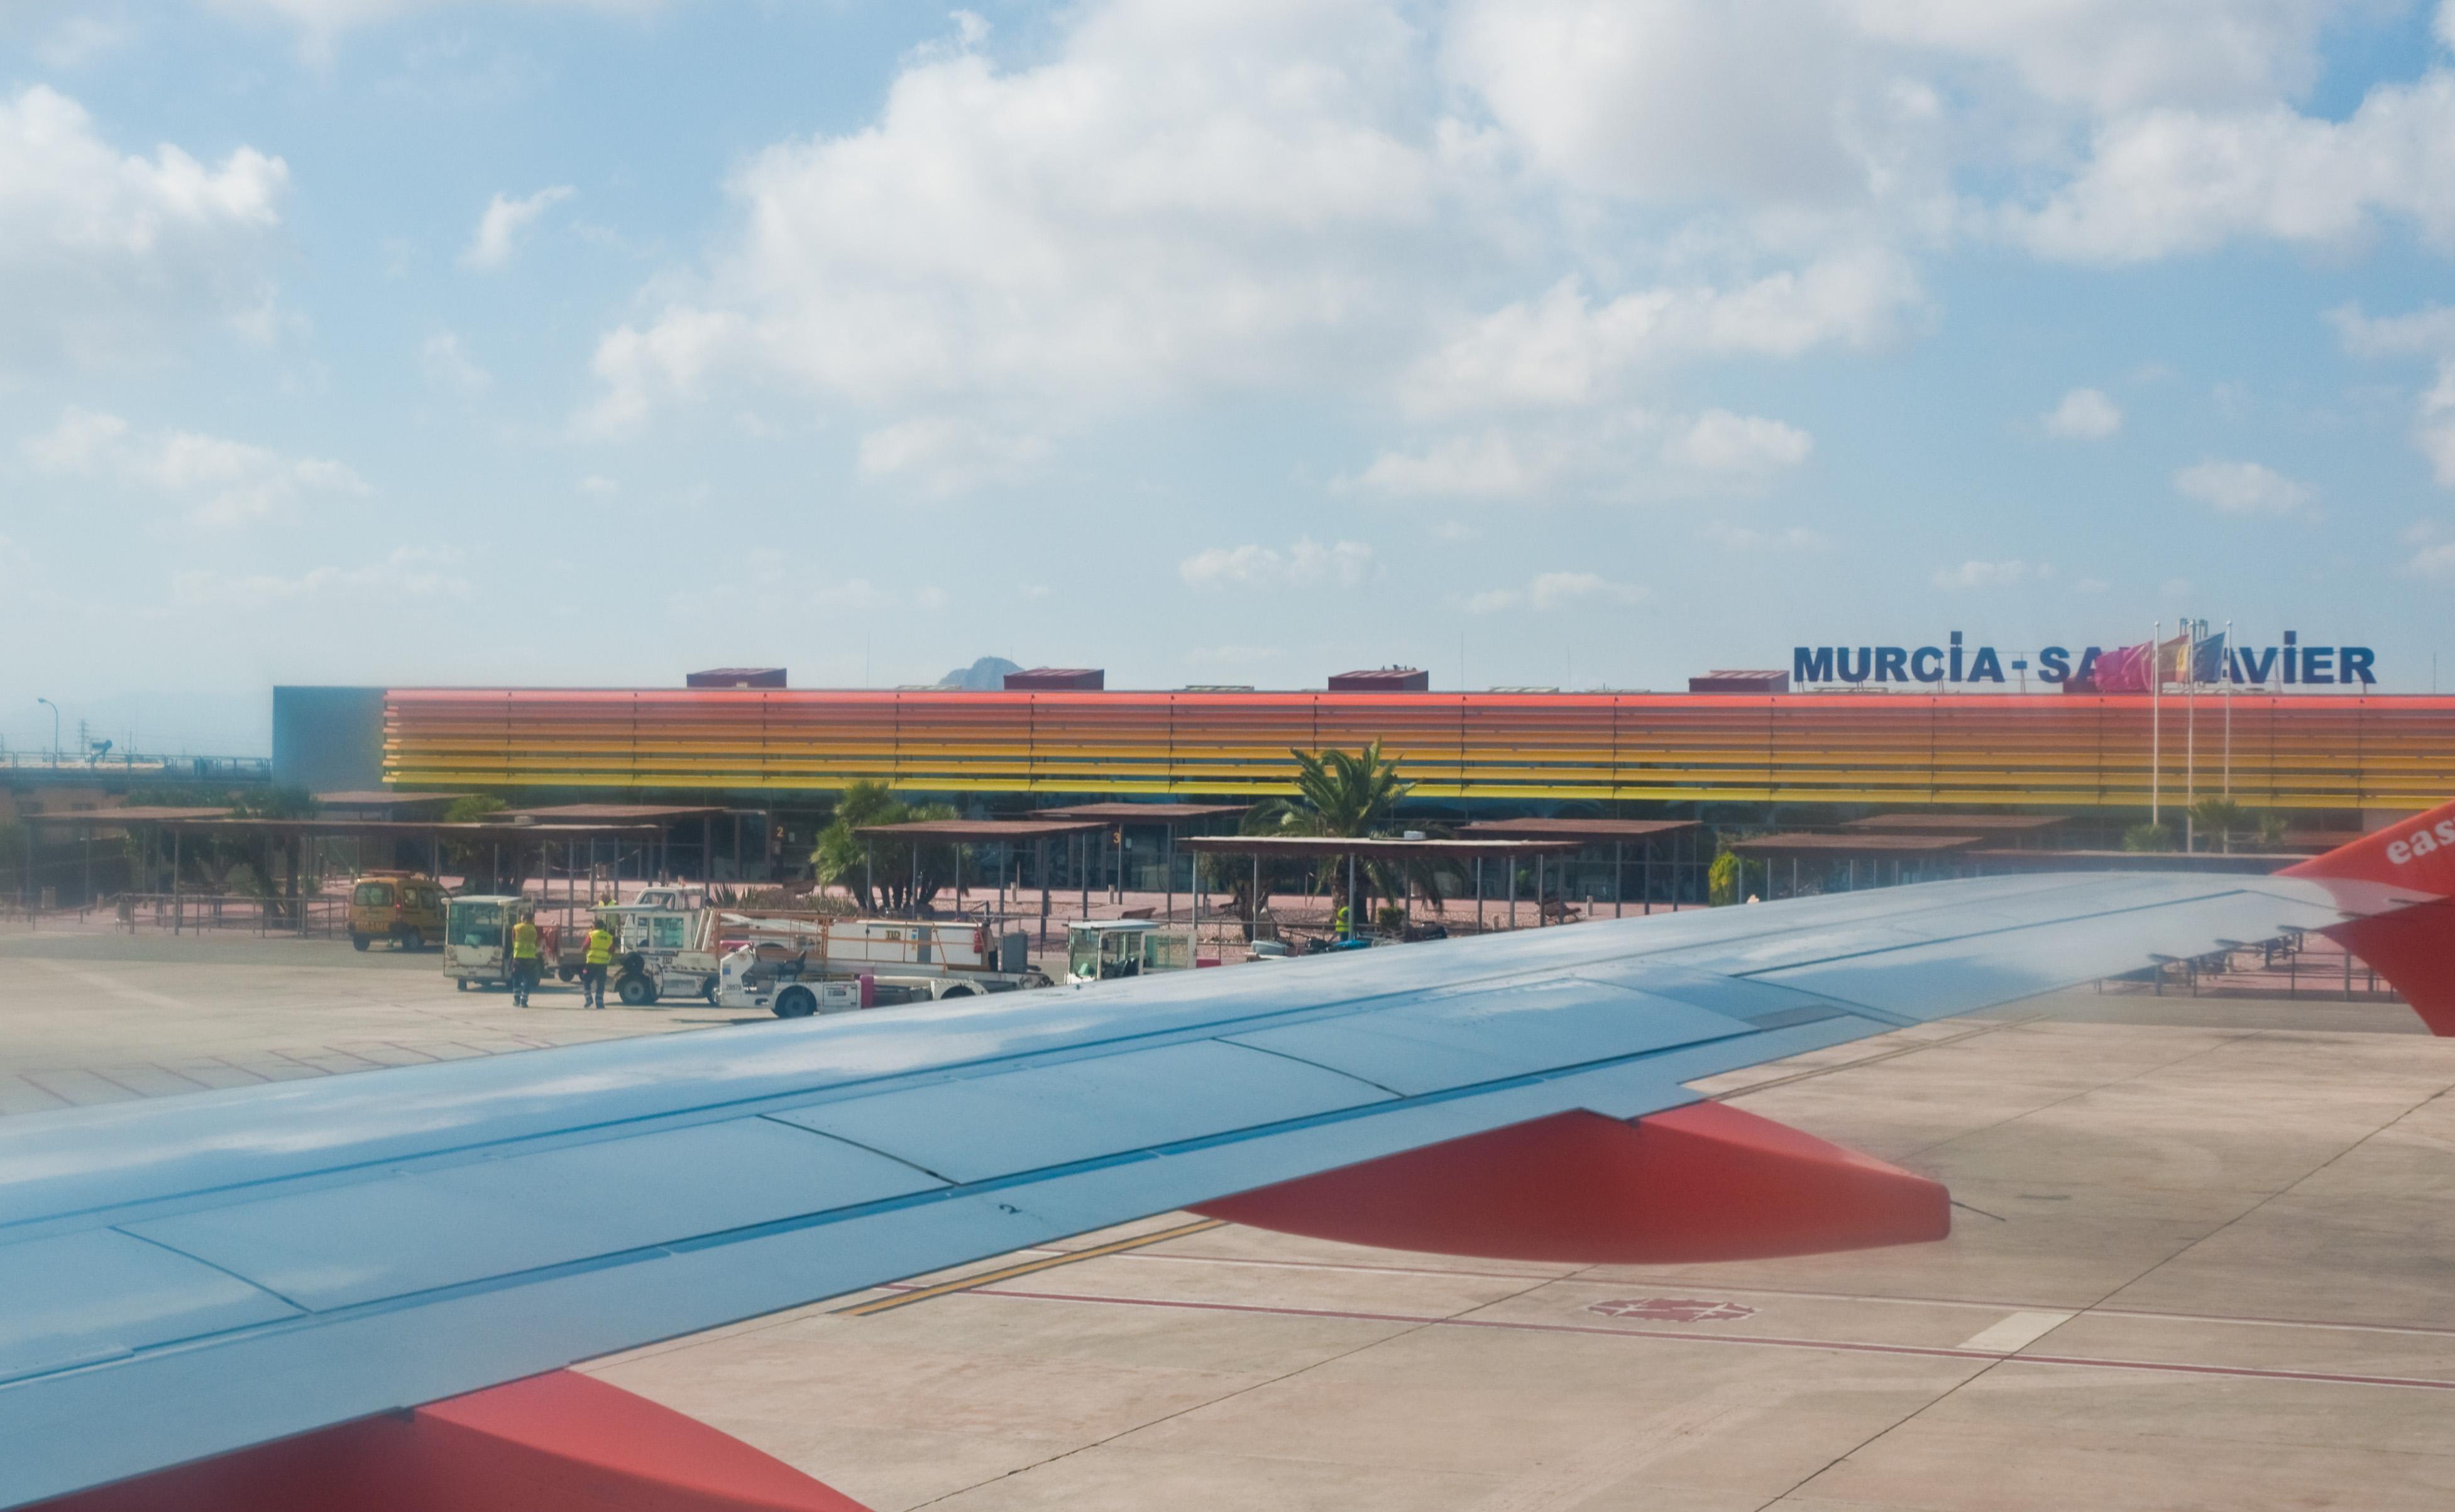 Javier Spain  city photos gallery : San Javier Airport, Murcia, Spain, 15 Sept. 2011 Wikimedia ...